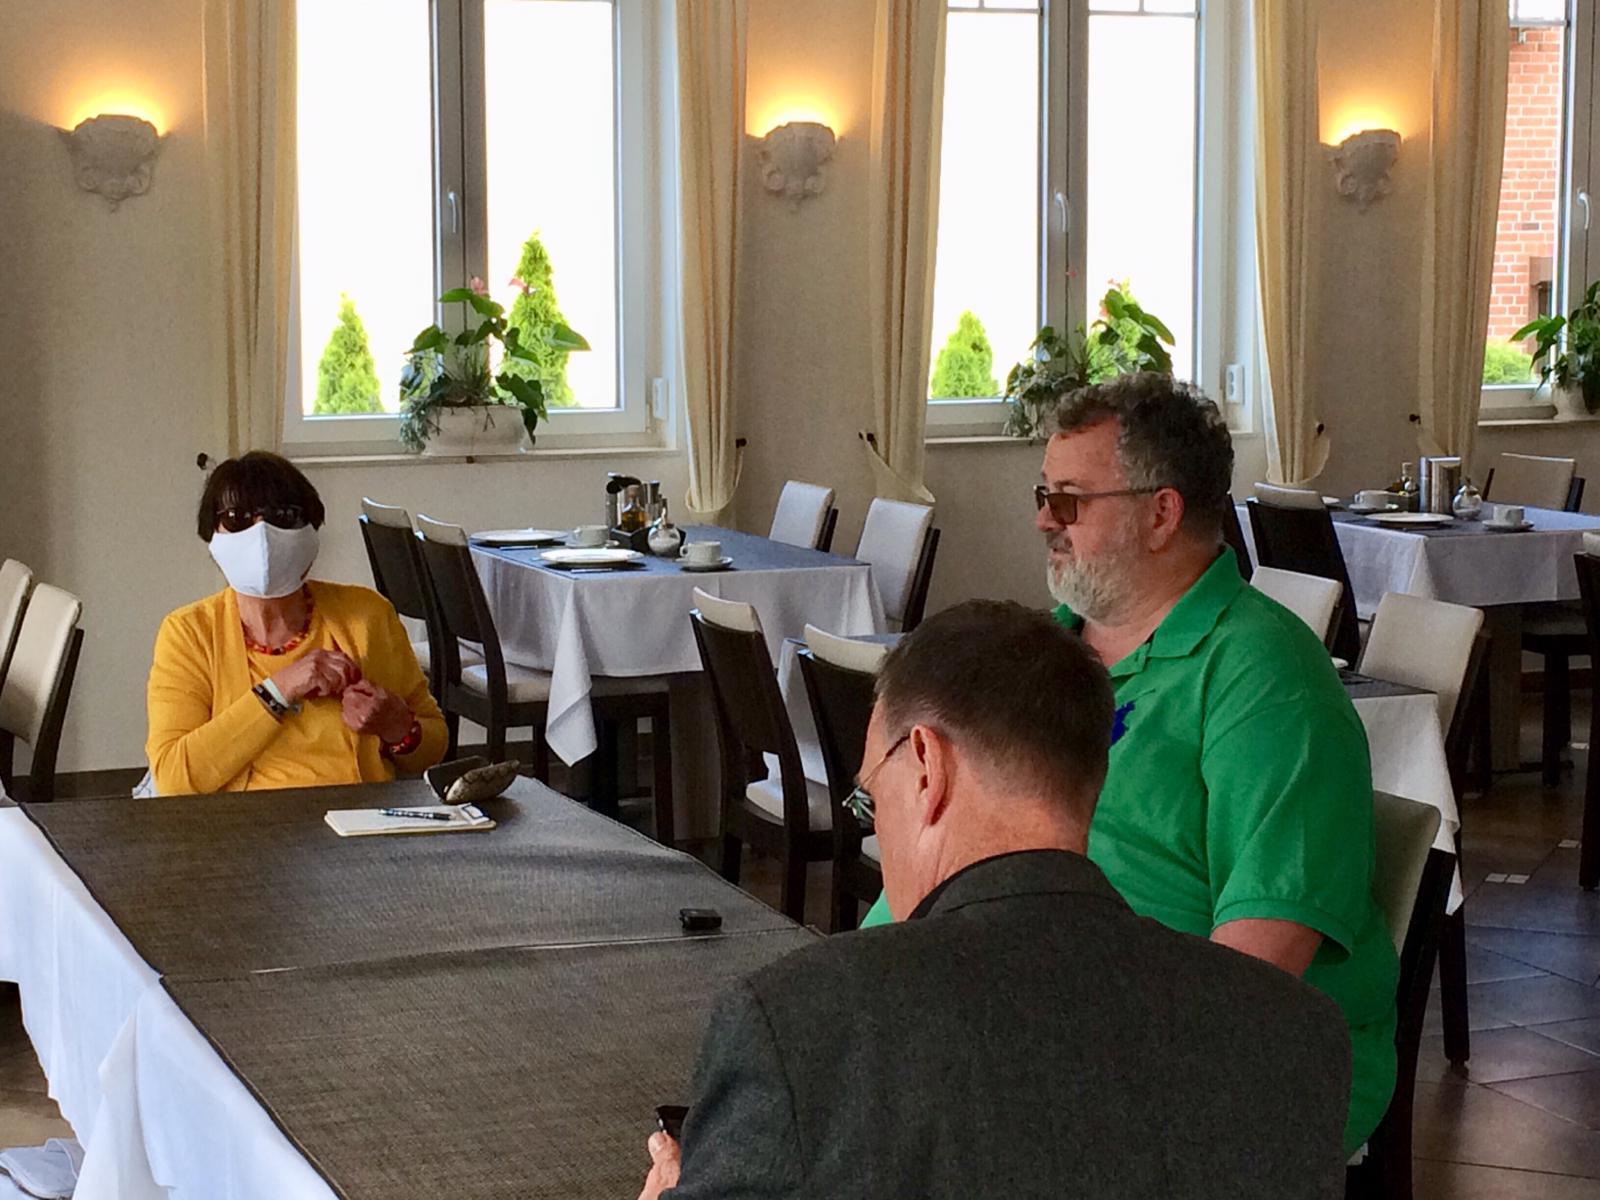 Unser Schirmherr Dirk Ringel bittet vor der Kamera um Spenden für die Senioren auch in der Coronazeit